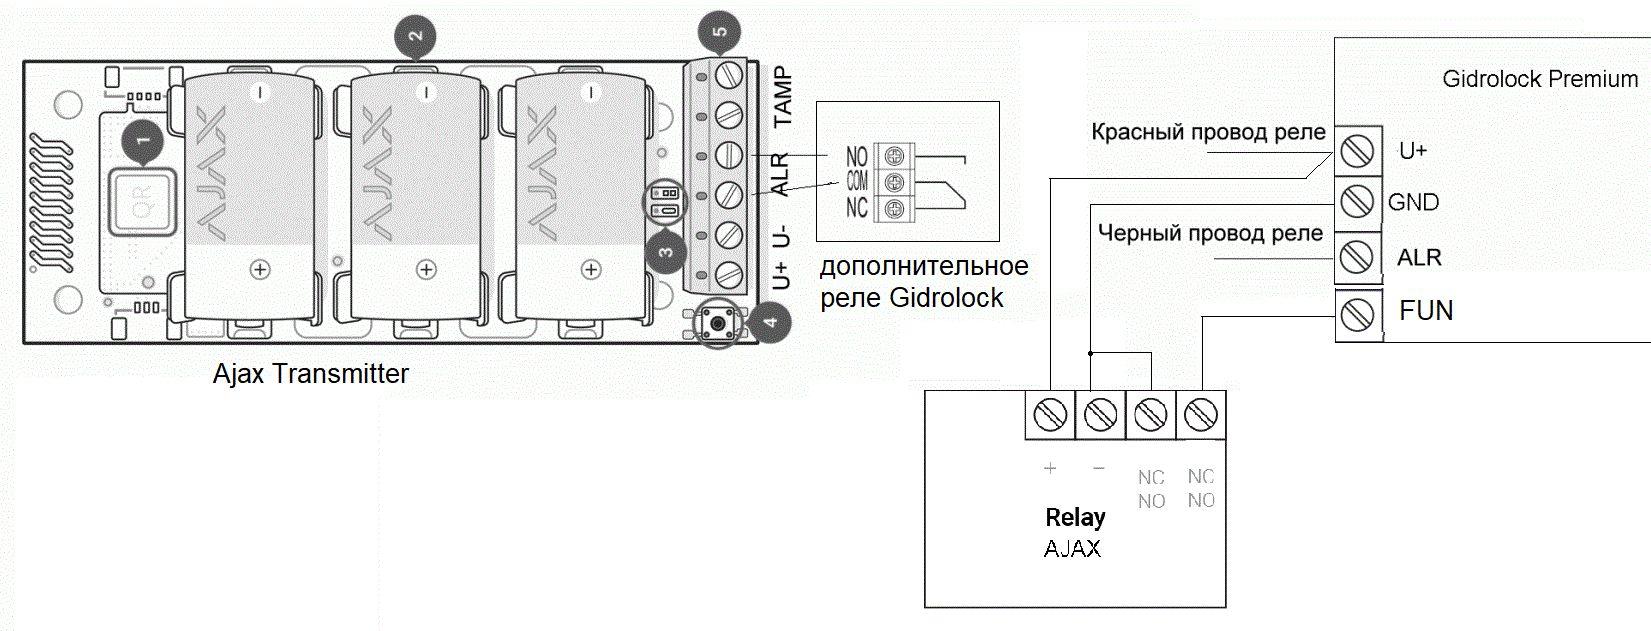 подключение Gidrolock Premium к Ajax